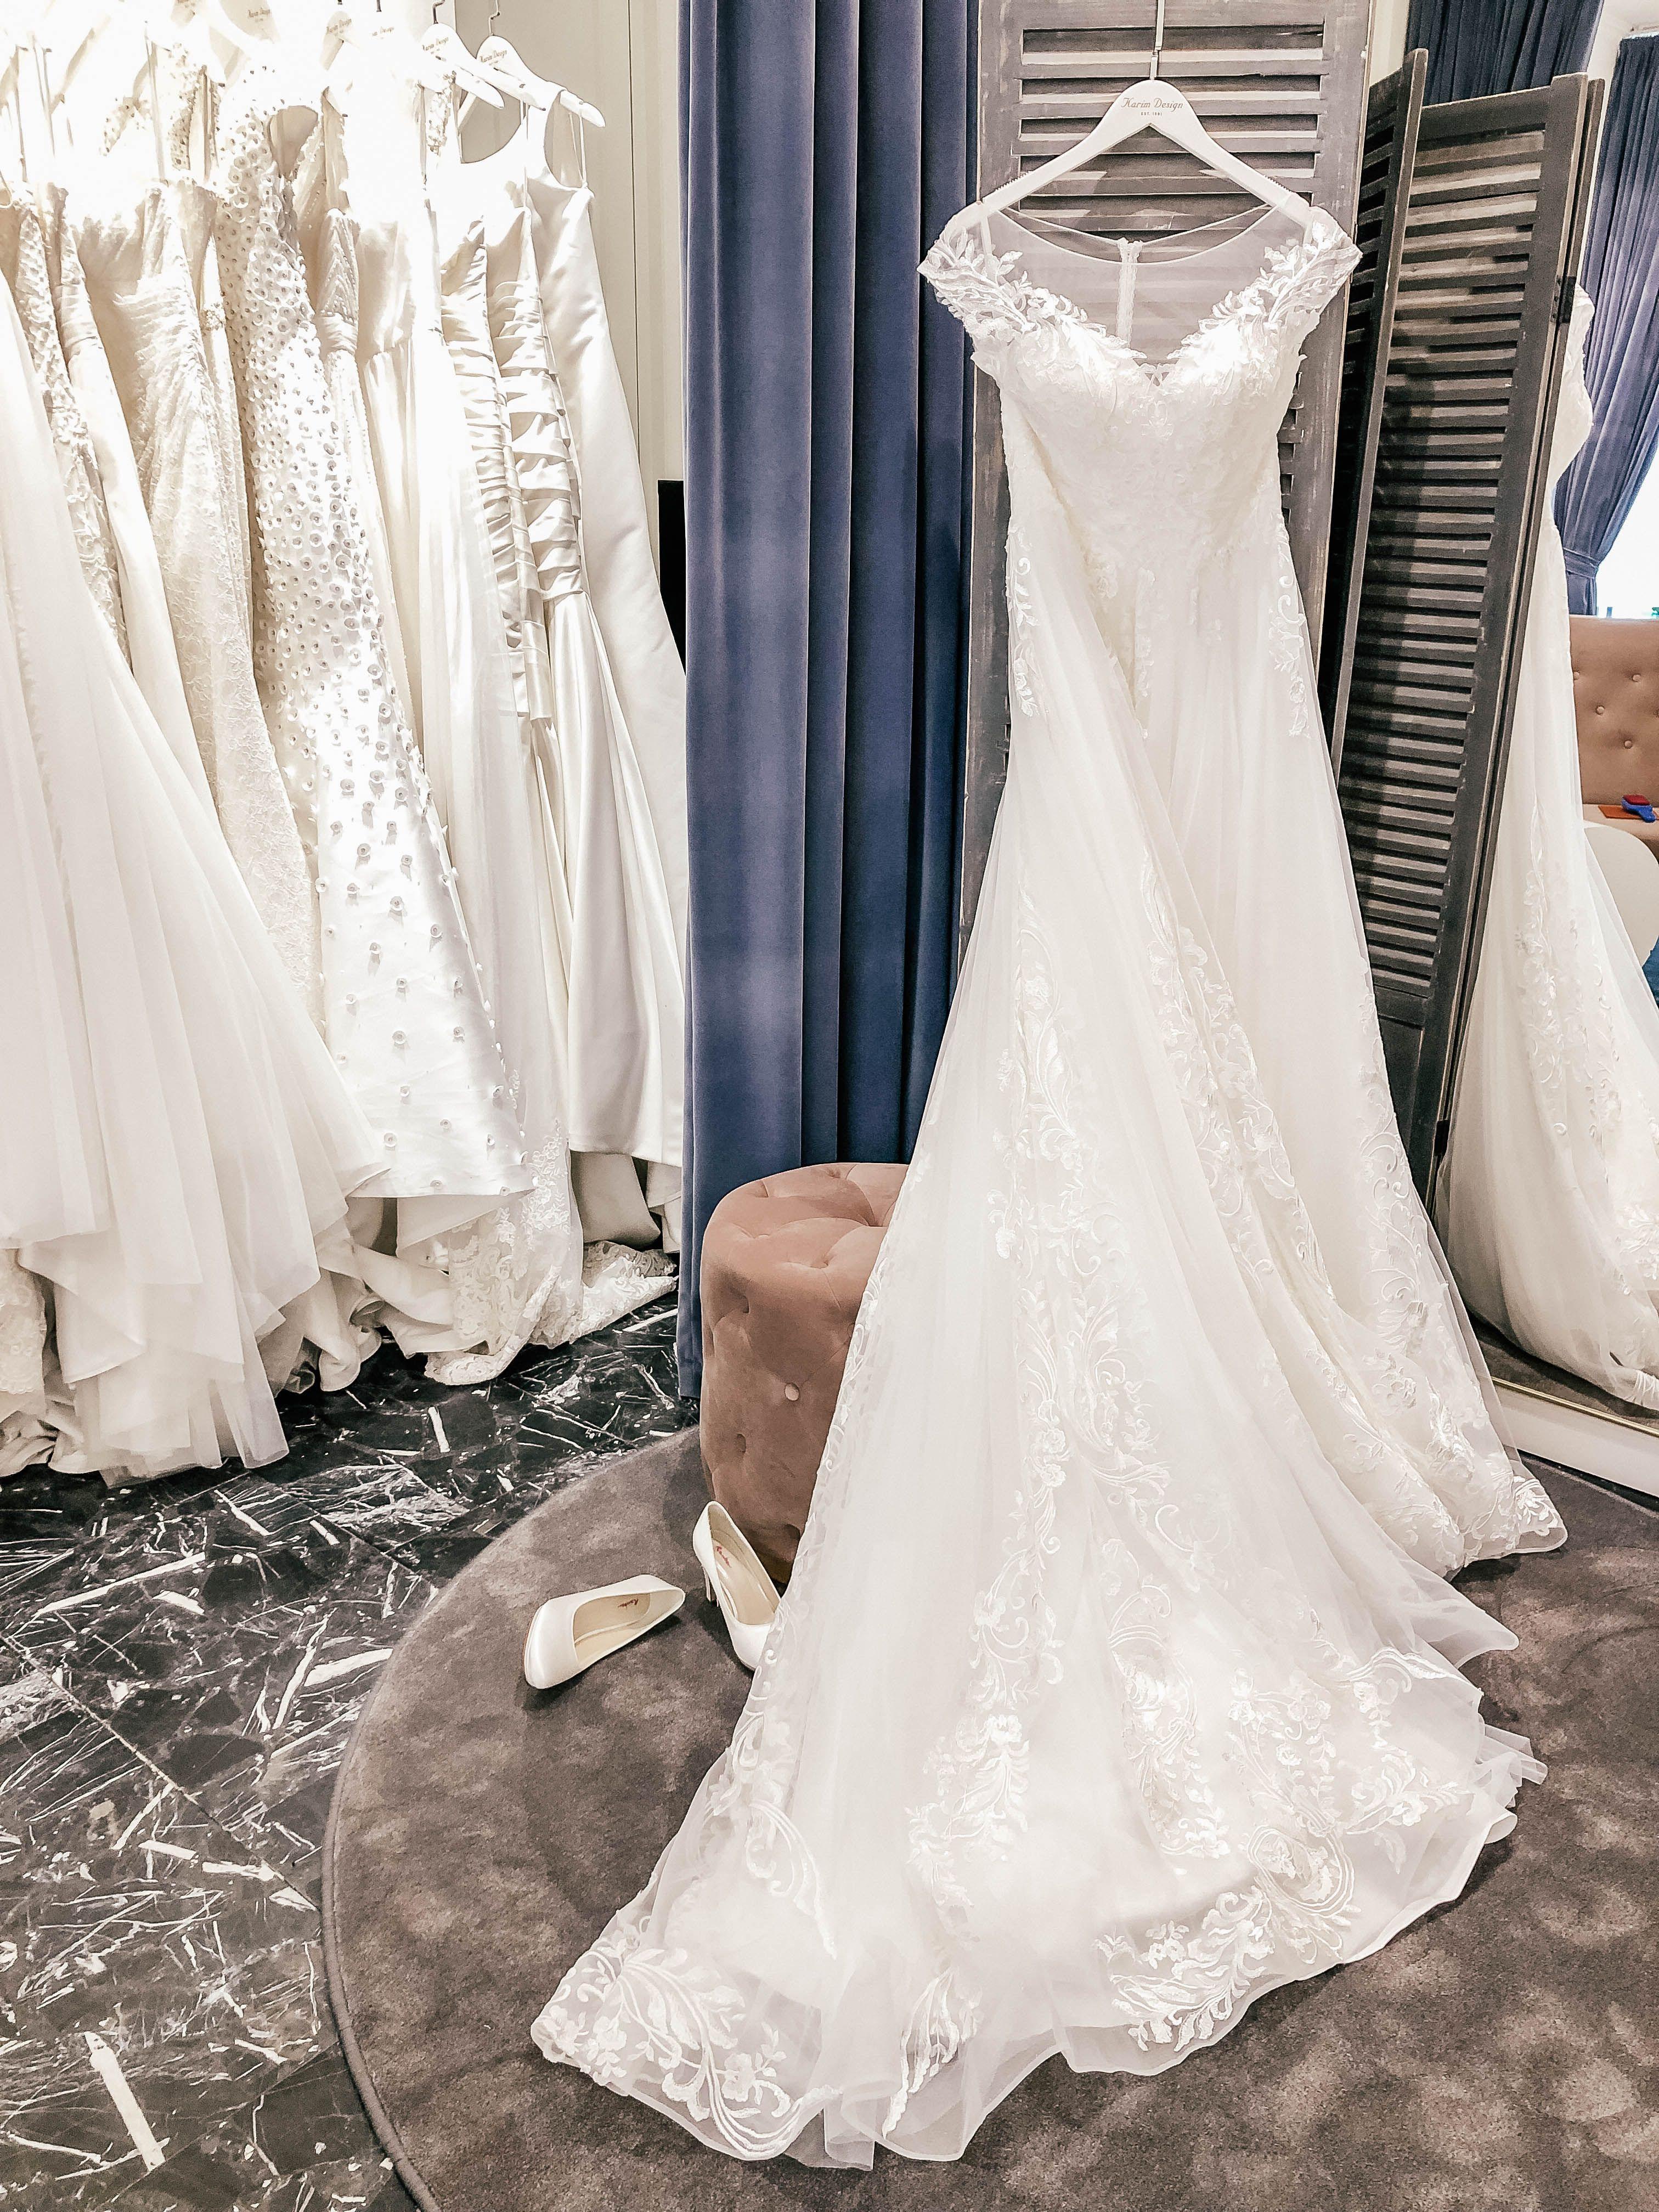 b39c6ddaddb8 Vi elsker at hjælpe vores skønne brude med at designe deres helt egne  unikke brudekjoler.